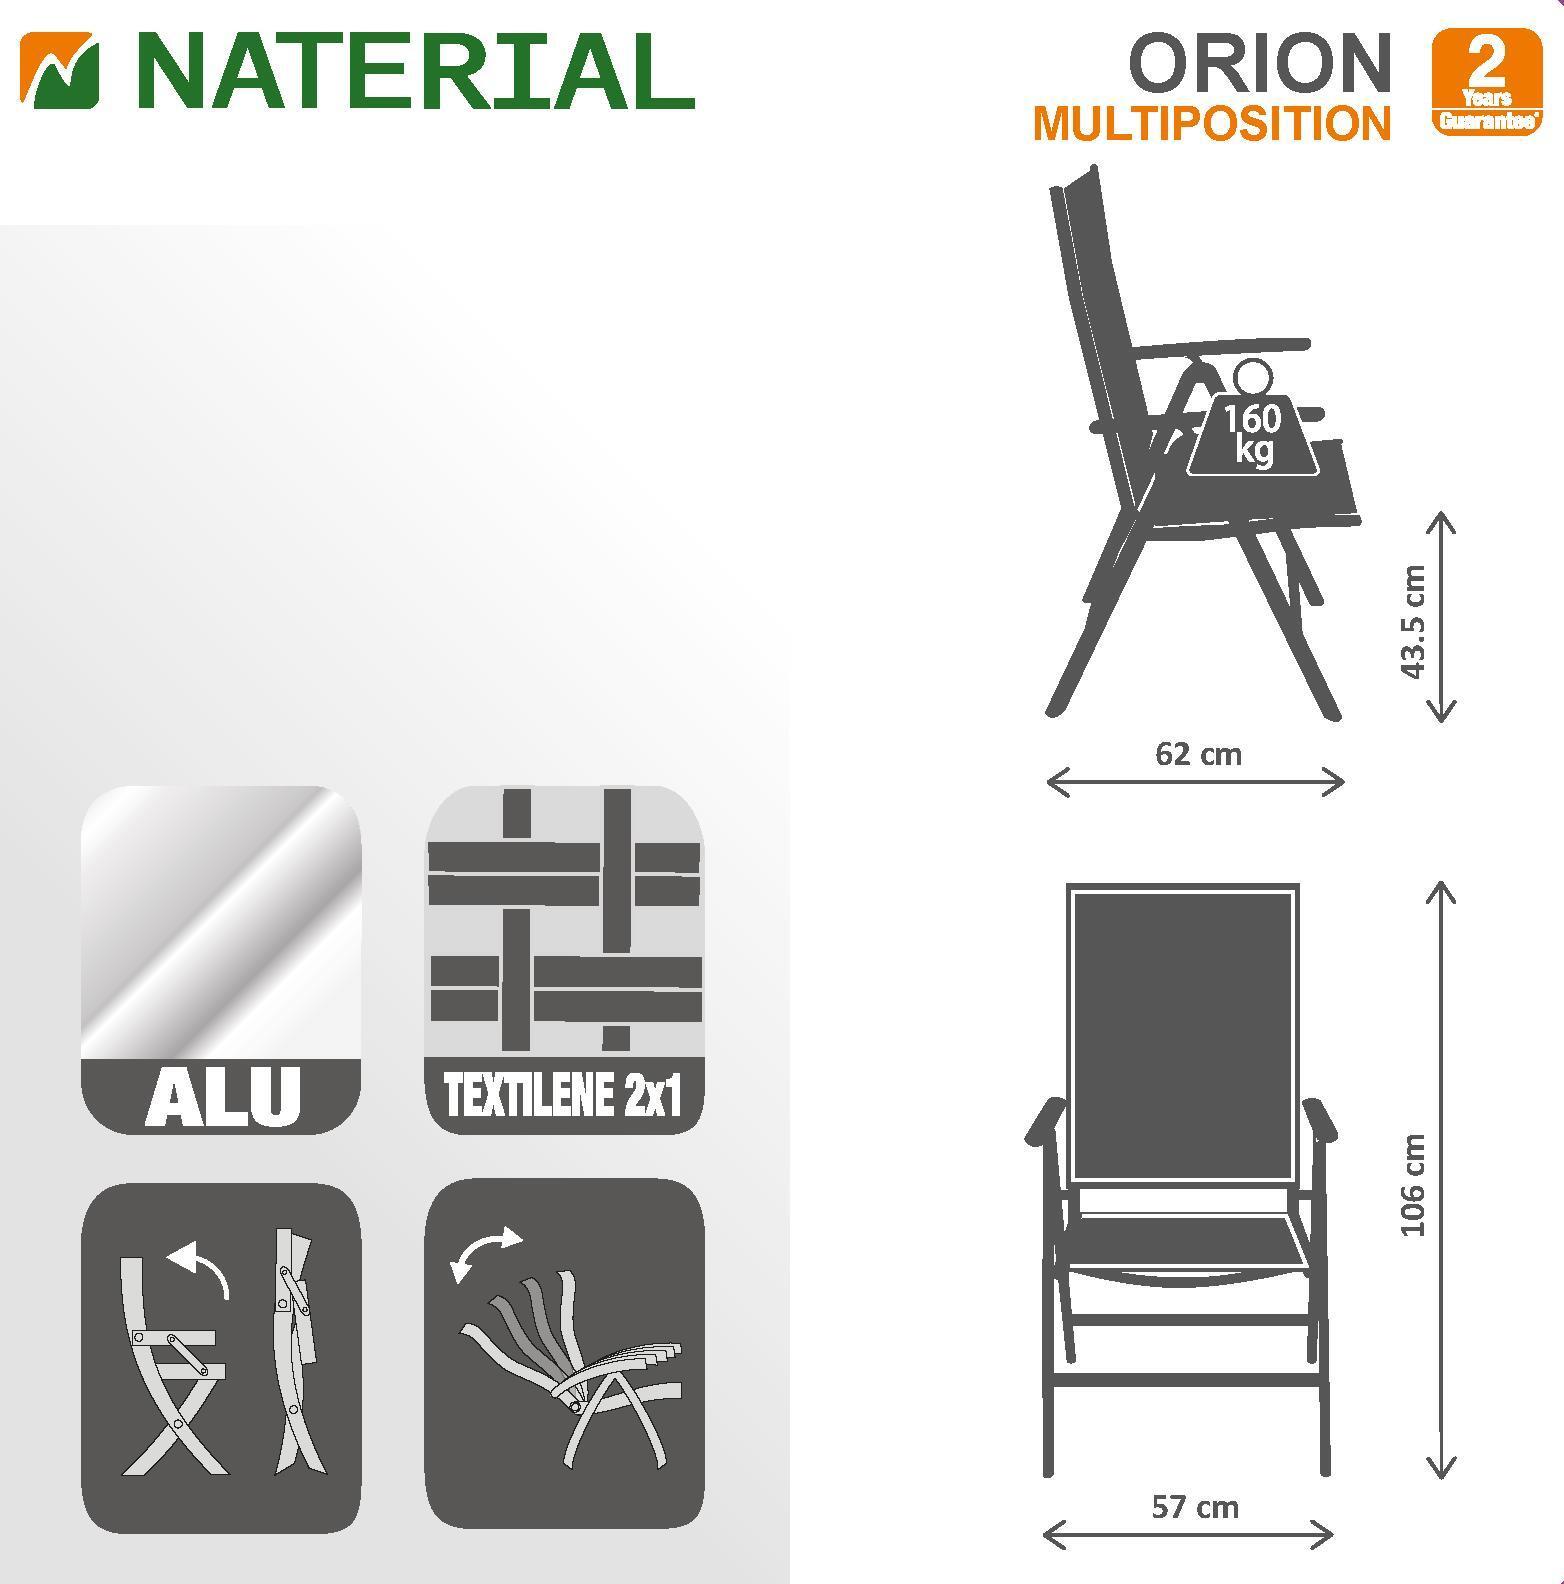 Sedia con braccioli senza cuscino pieghevole in alluminio Orion NATERIAL colore antracite - 17